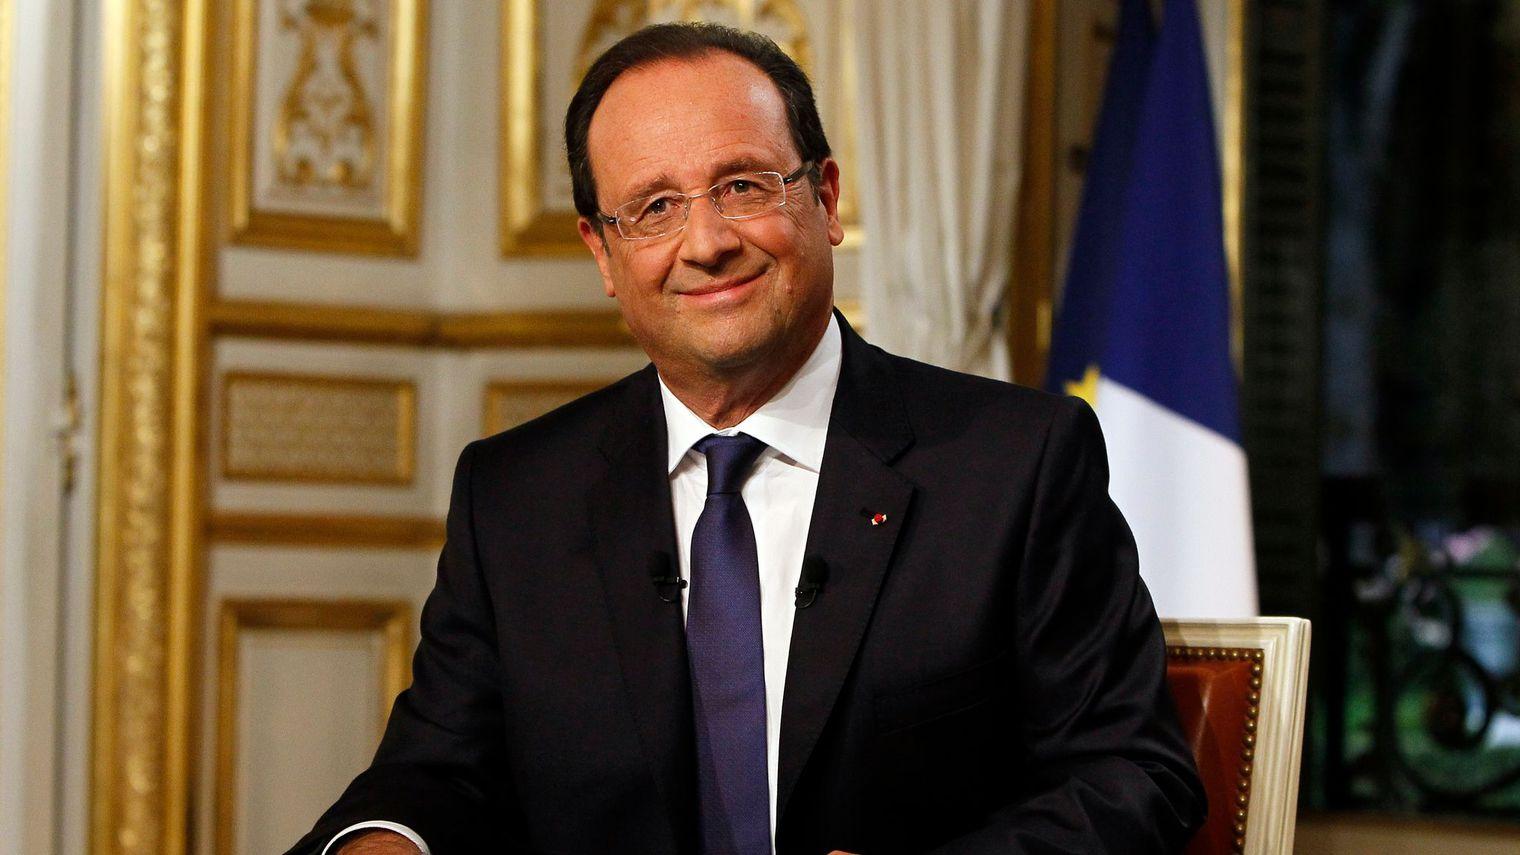 le-president-francois-hollande-pose-le-15-septembre-2013-apres-un-entretien-sur-tf1_5143795